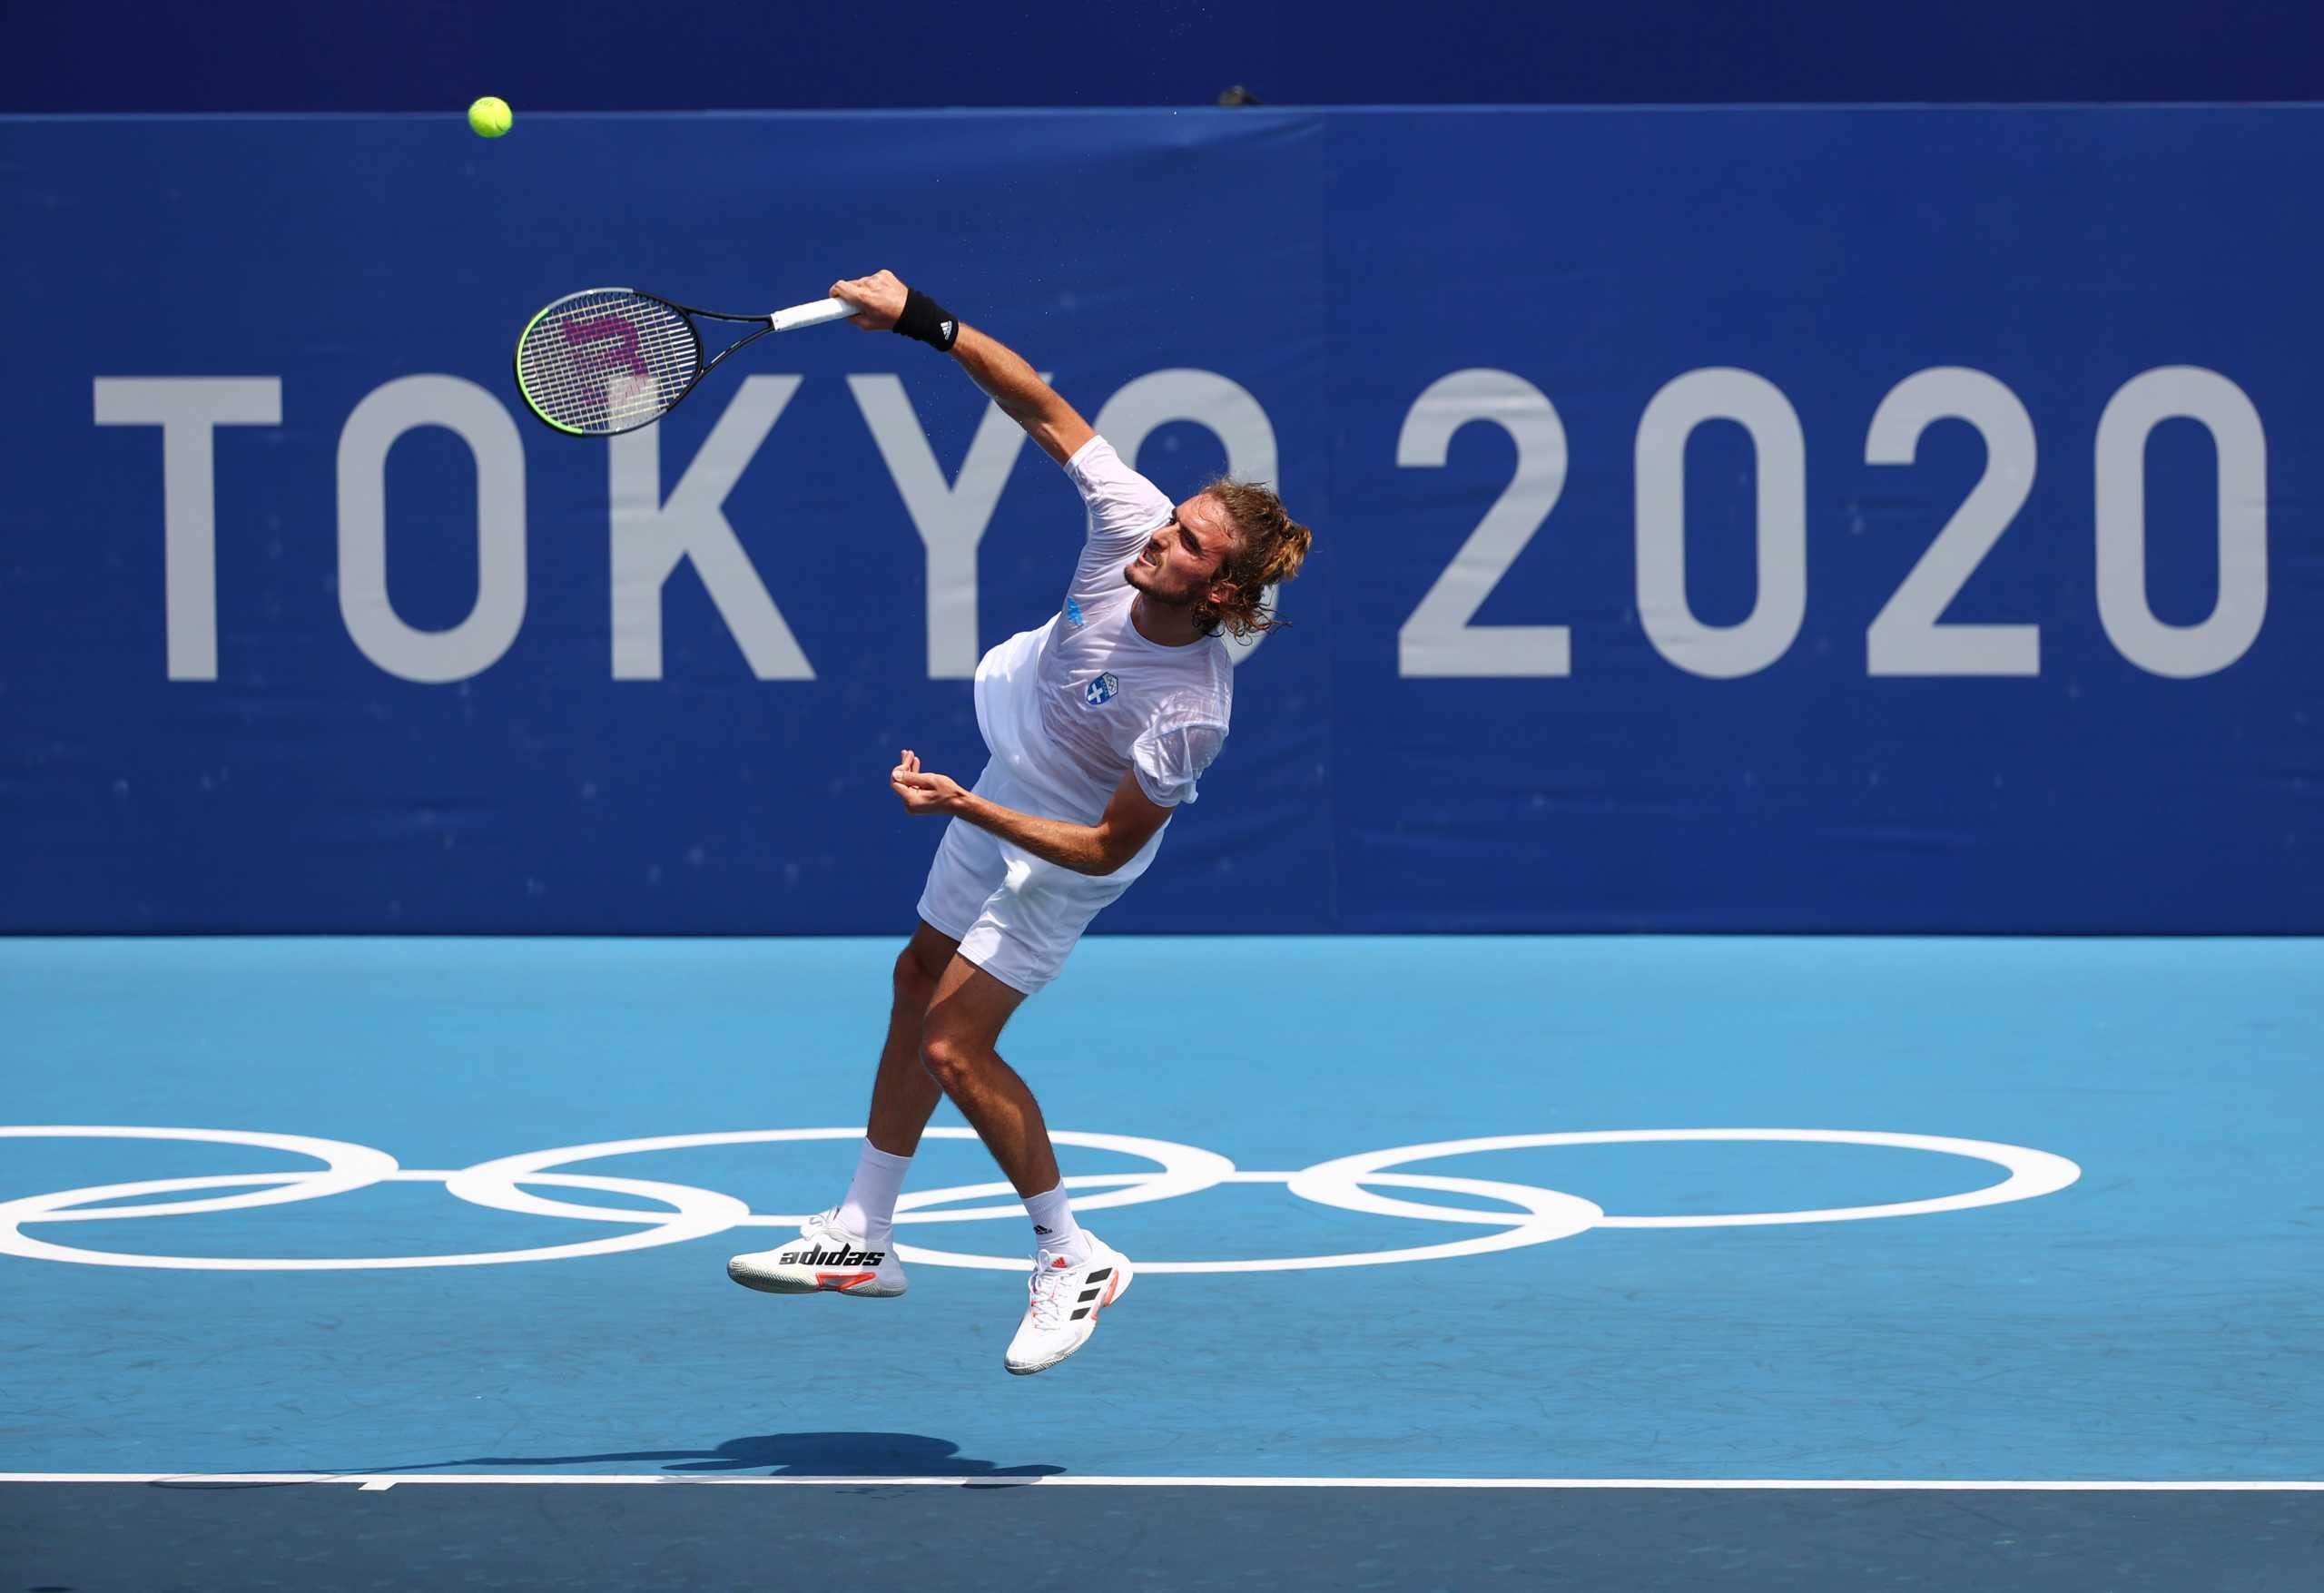 Μίνα Γκάγκα σε Στέφανο Τσιτσιπά: Συνέχισε να παίζεις τένις, εκεί μας κάνεις περήφανους